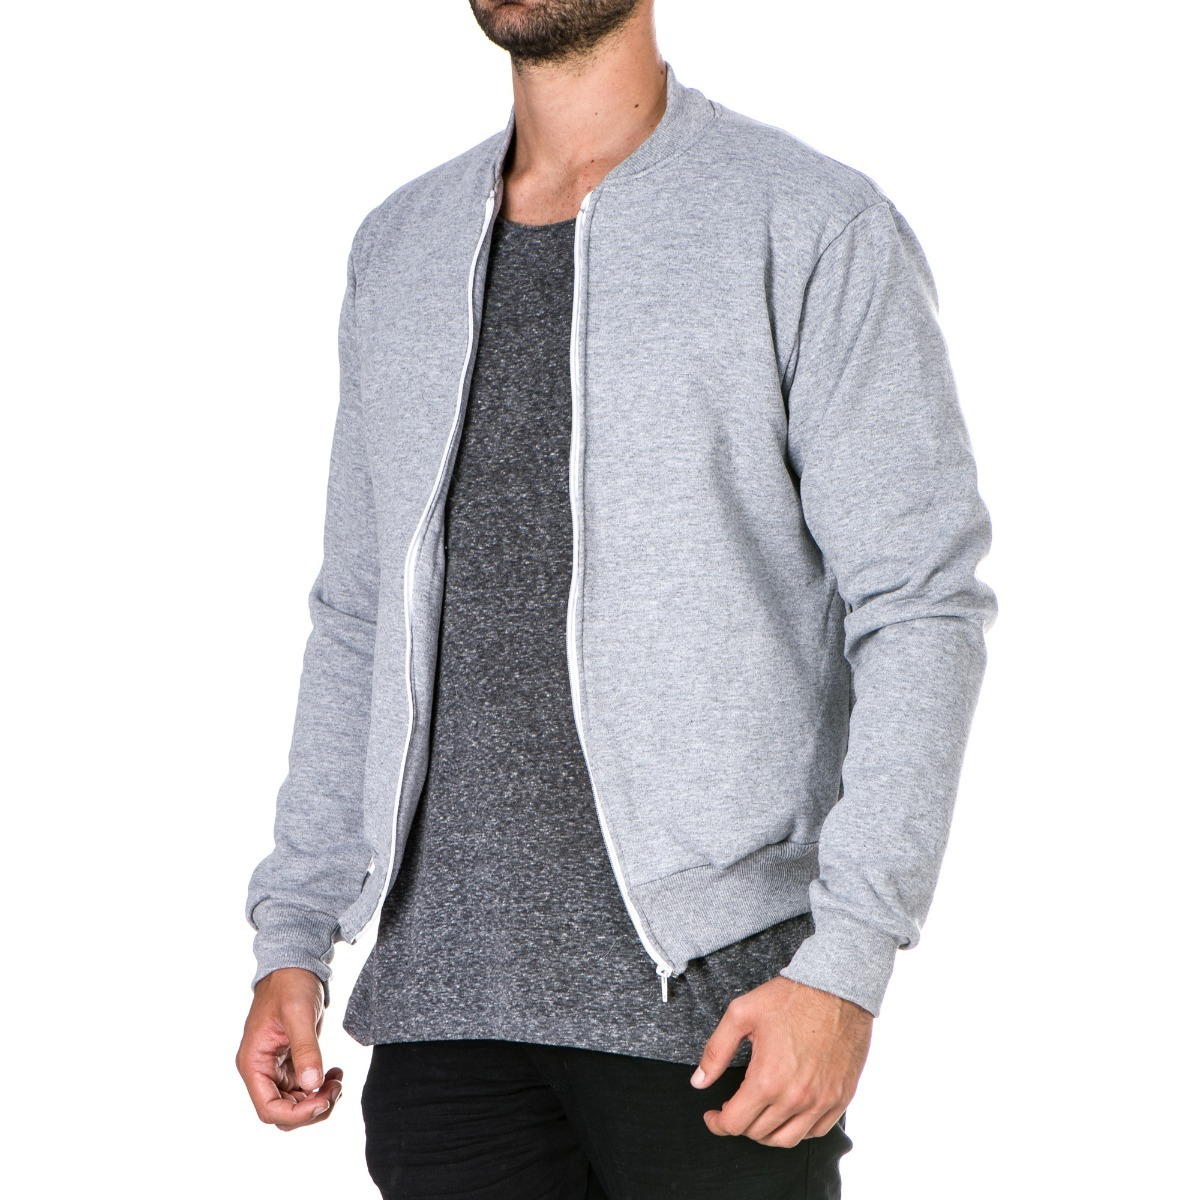 e33ff6666 jaqueta bomber masculina blusa de frio slim fit com ziper. Carregando zoom.